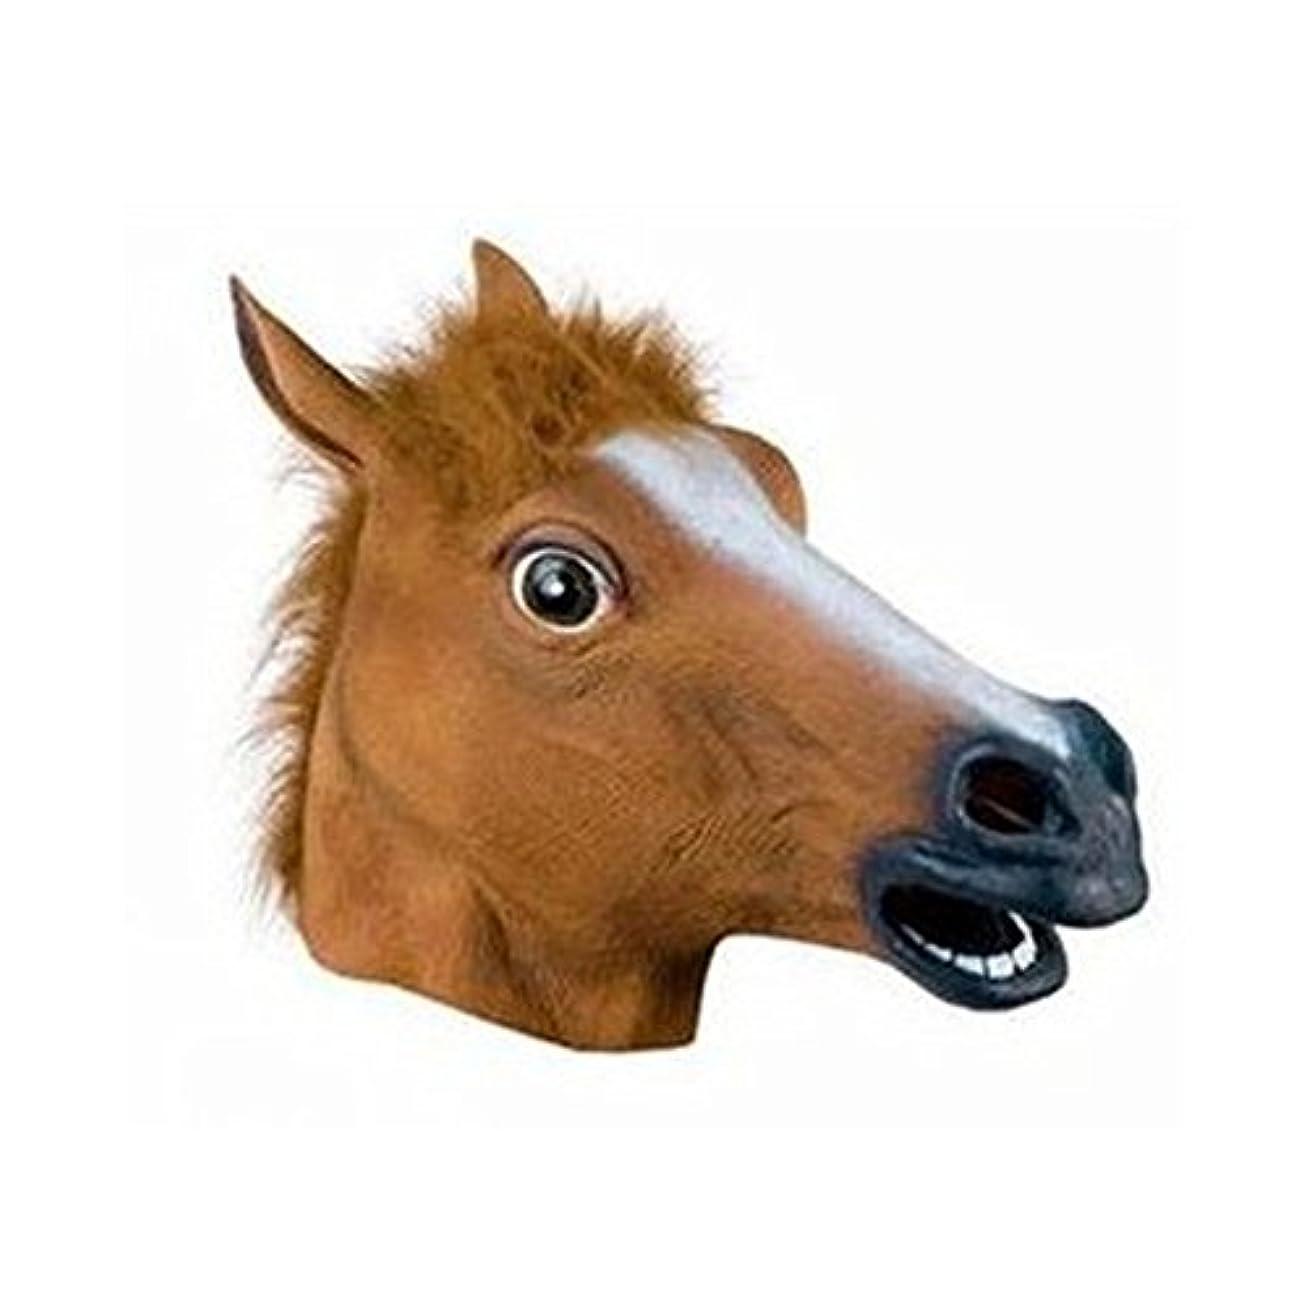 集中的な本会議退屈な犬の馬6月ハロウィーン動物のヘッドギアCOSマスク馬のヘッドマスク